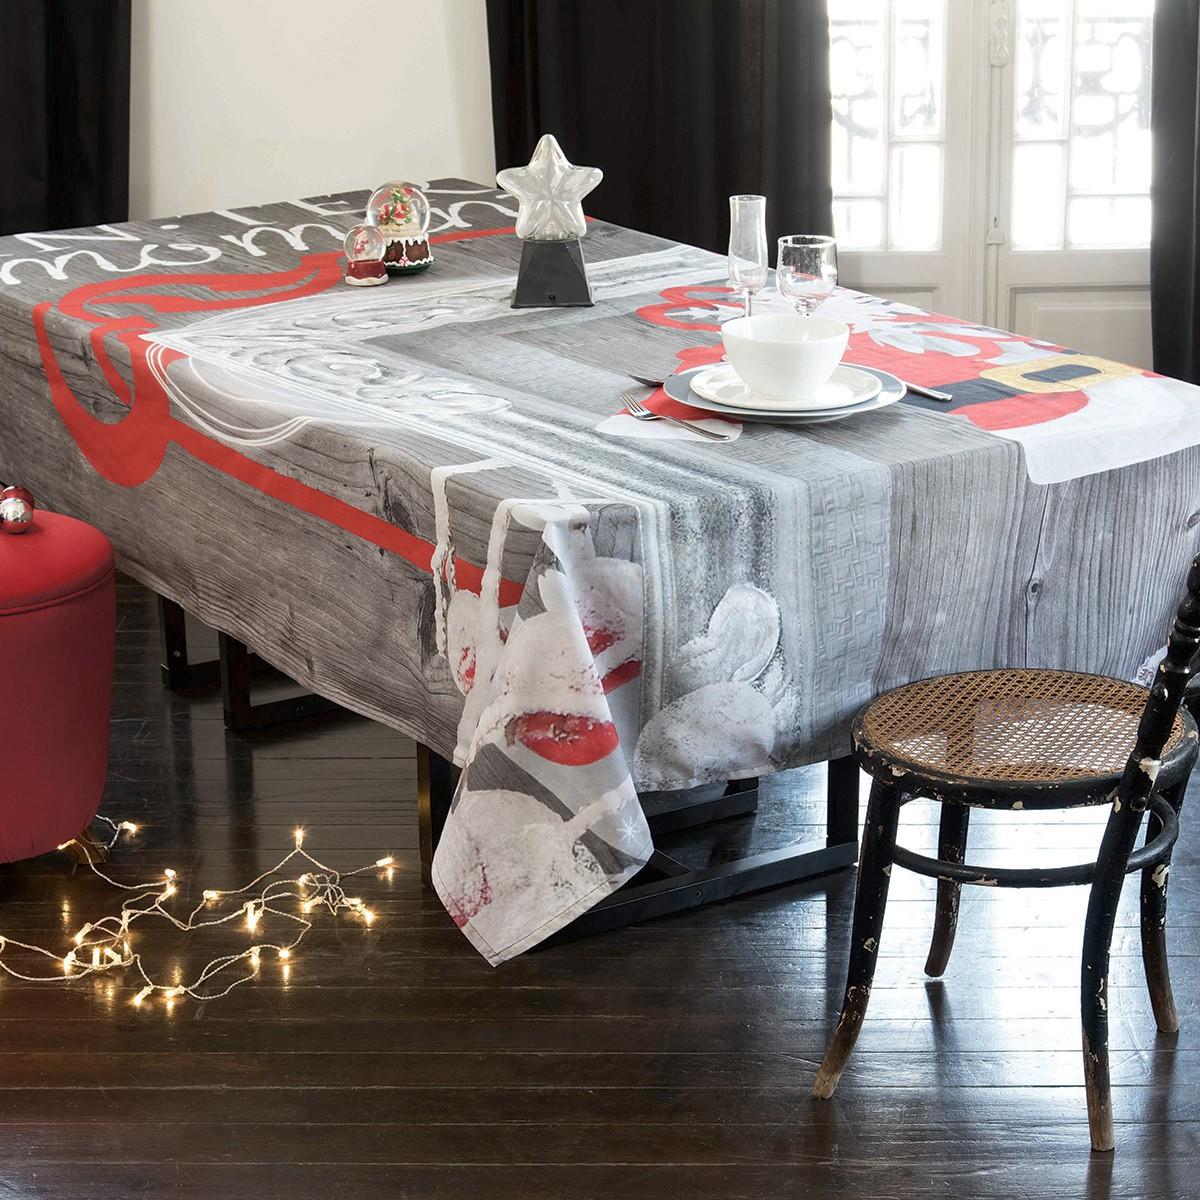 Χριστουγεννιάτικο Τραπεζομάντηλο (170x270) Makis Tselios Xmass